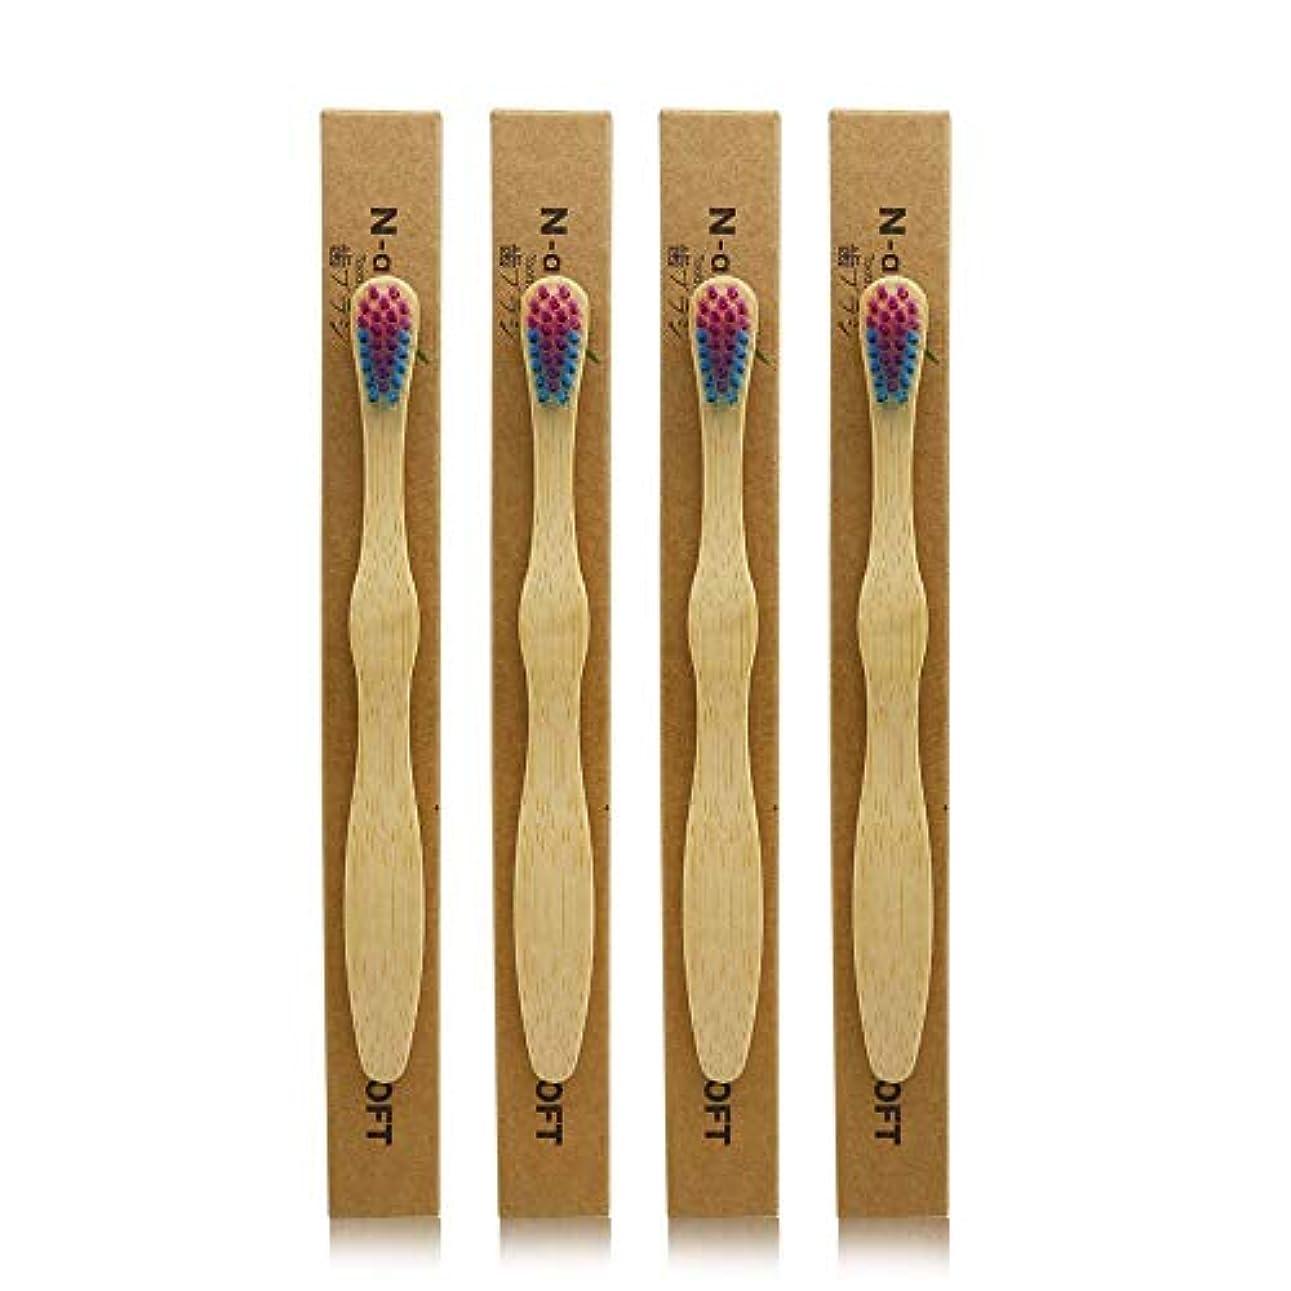 悲しいことにこれらはっきりしないN-amboo 竹製耐久度高い 子供 歯ブラシ エコ 4本入り セット むらさきいろ